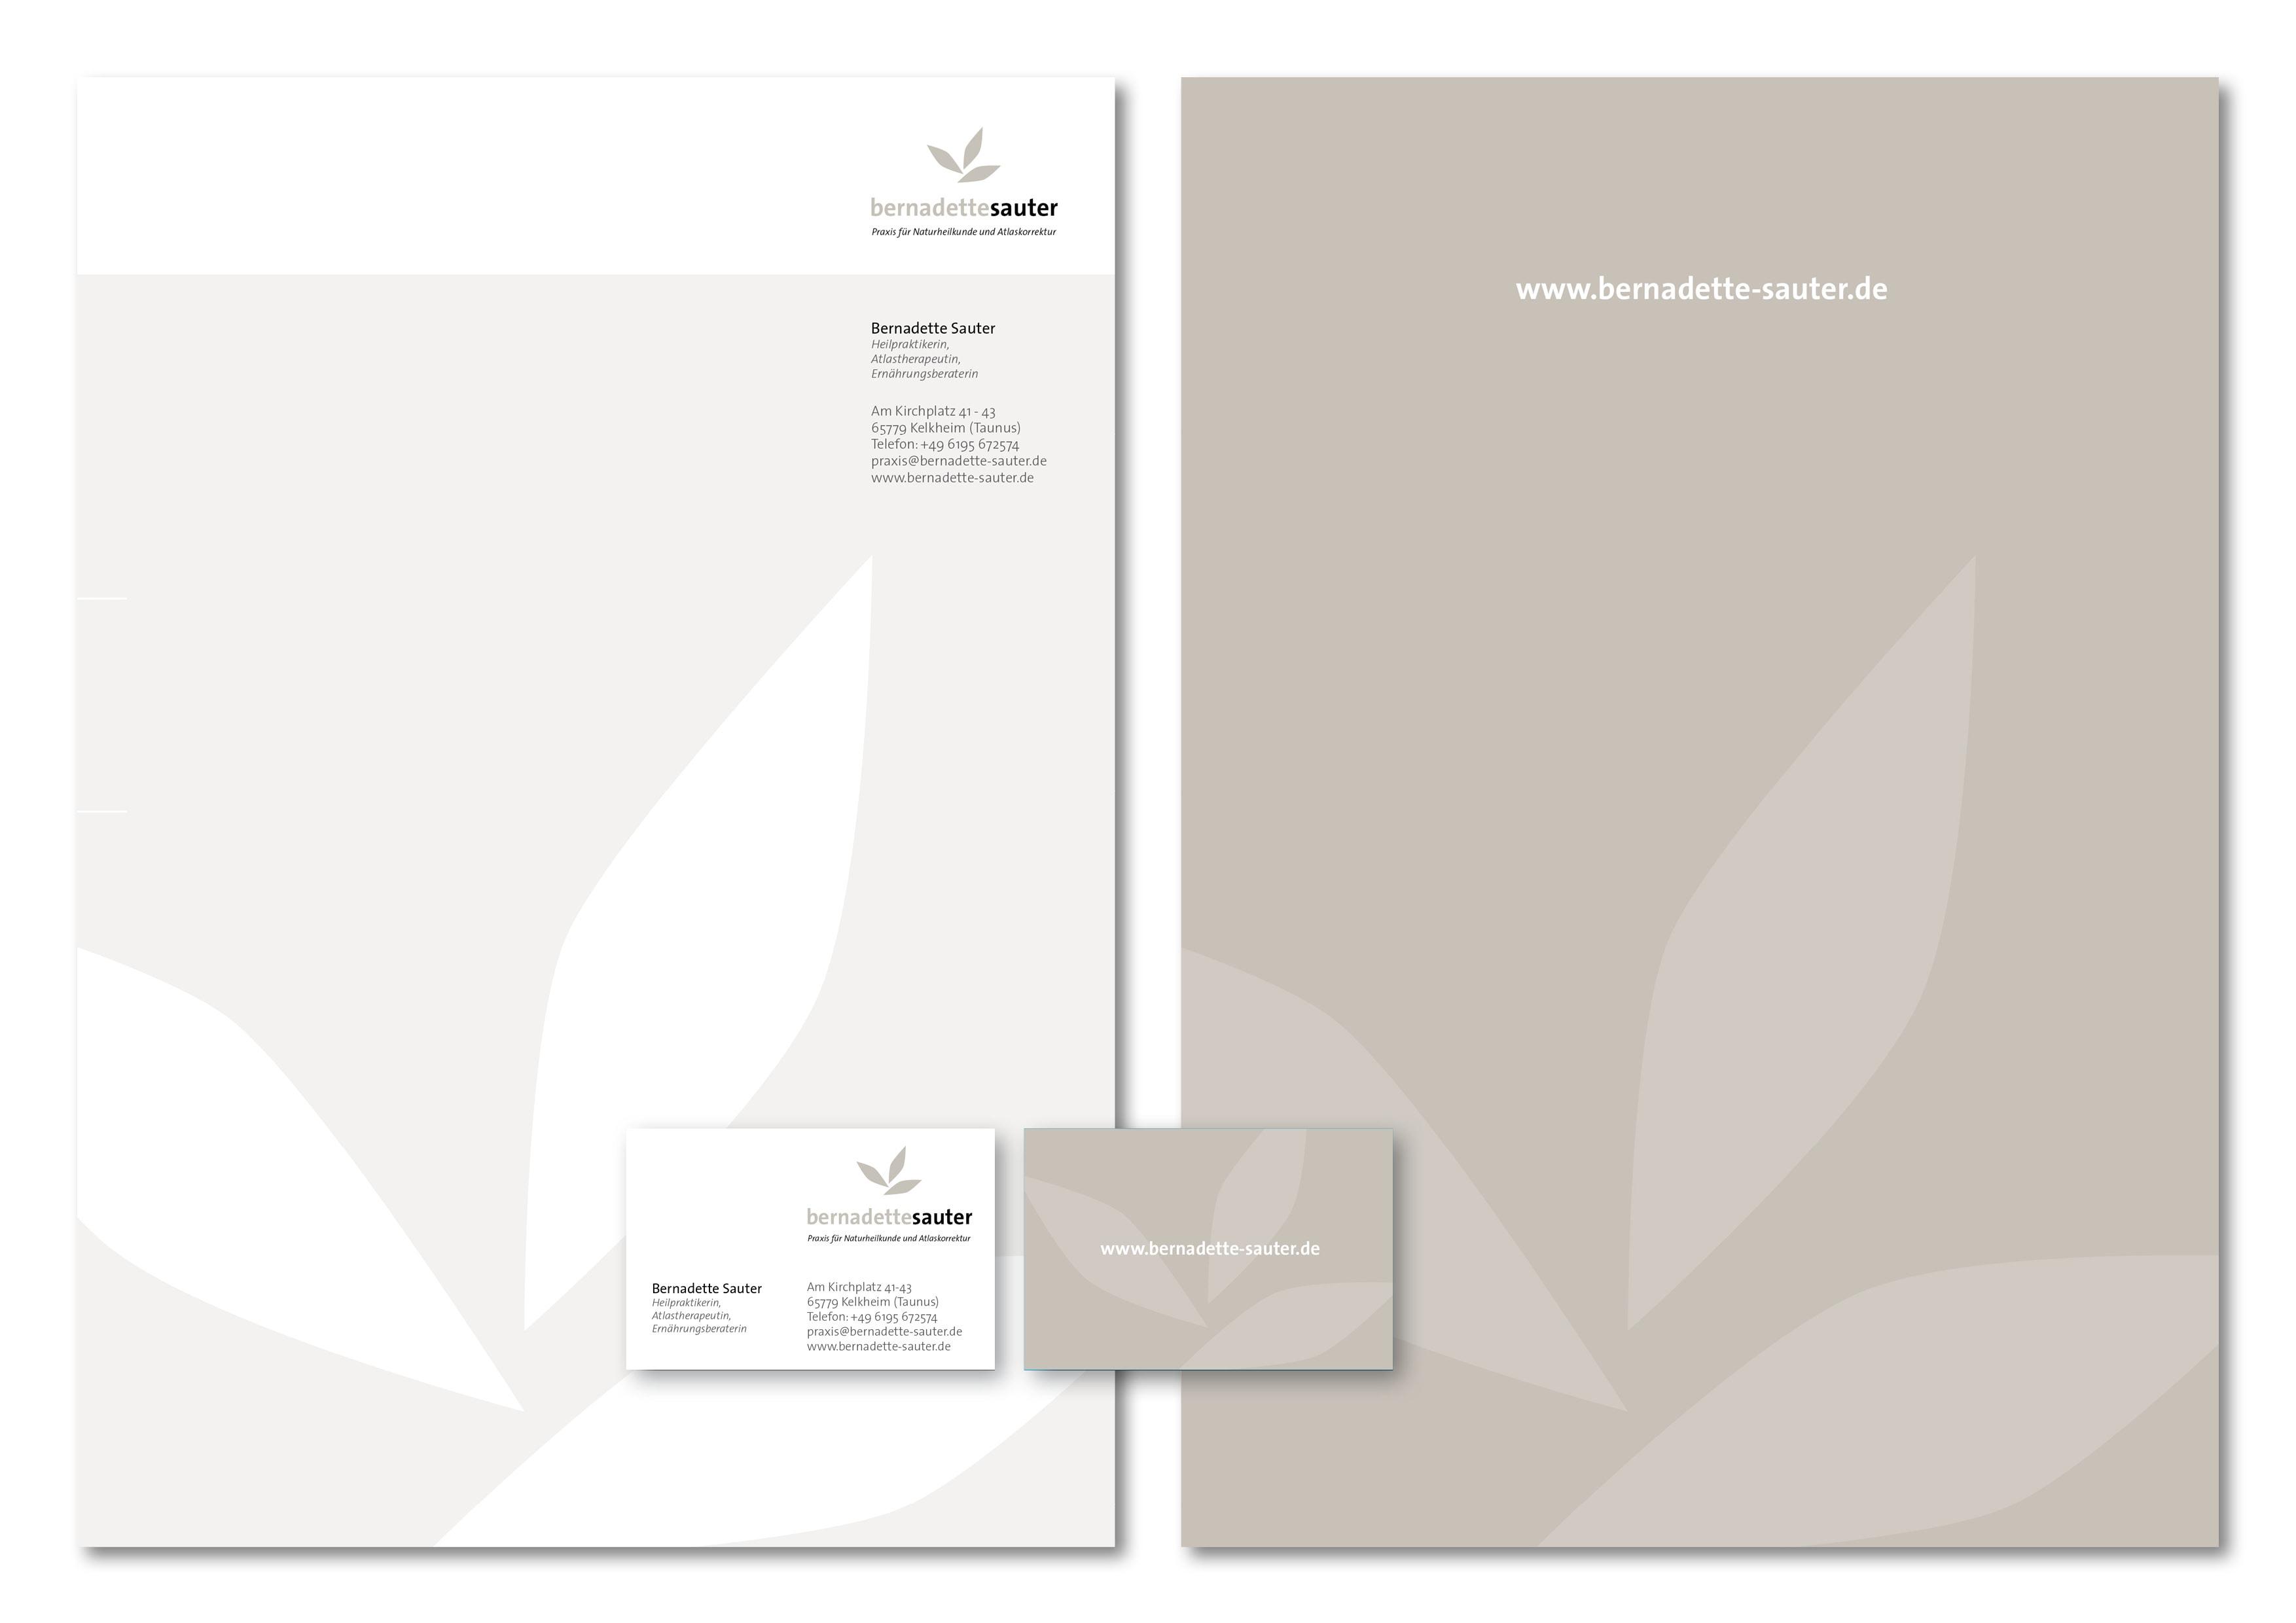 Corporate Design Entwicklung und Programmierung Homepage für Bernadette Sauter, Praxis für Naturheilkunde und Atlaskorrekturdurch Grafik-Designer Ronald Wissler